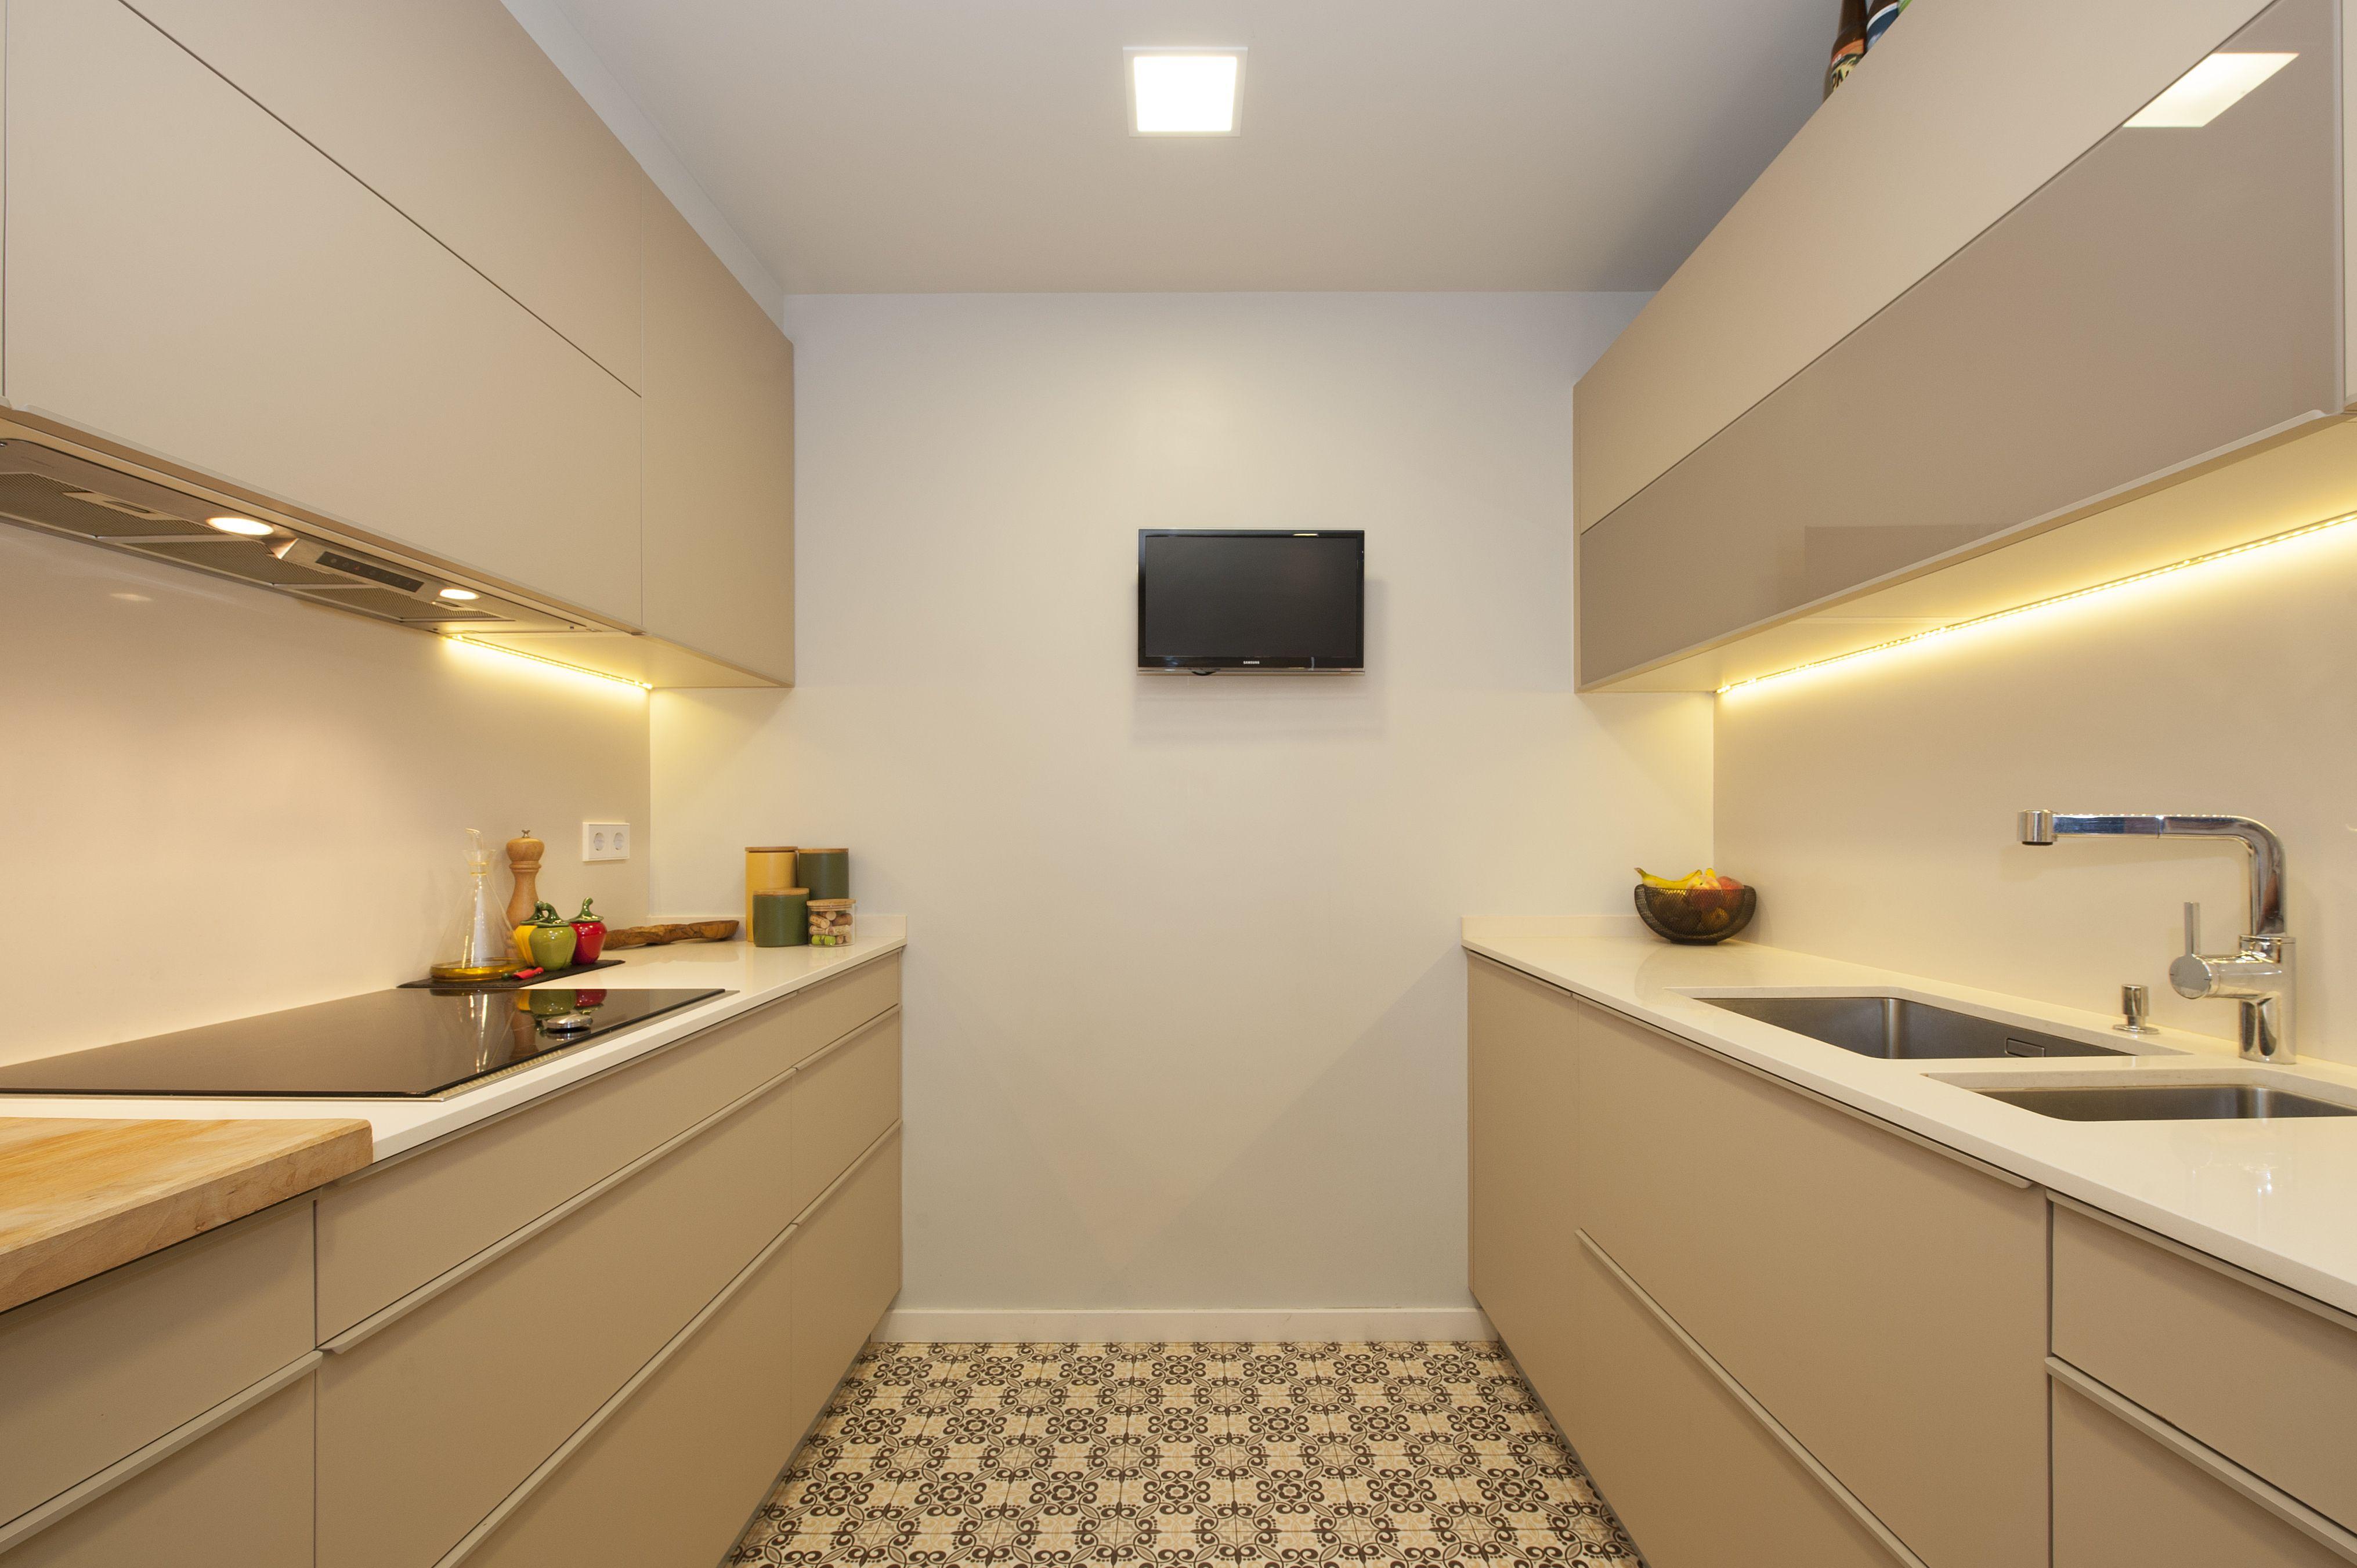 Cocina moderna en paralelo pavimento hidr ulico dise o for Diseno cocinas paralelo